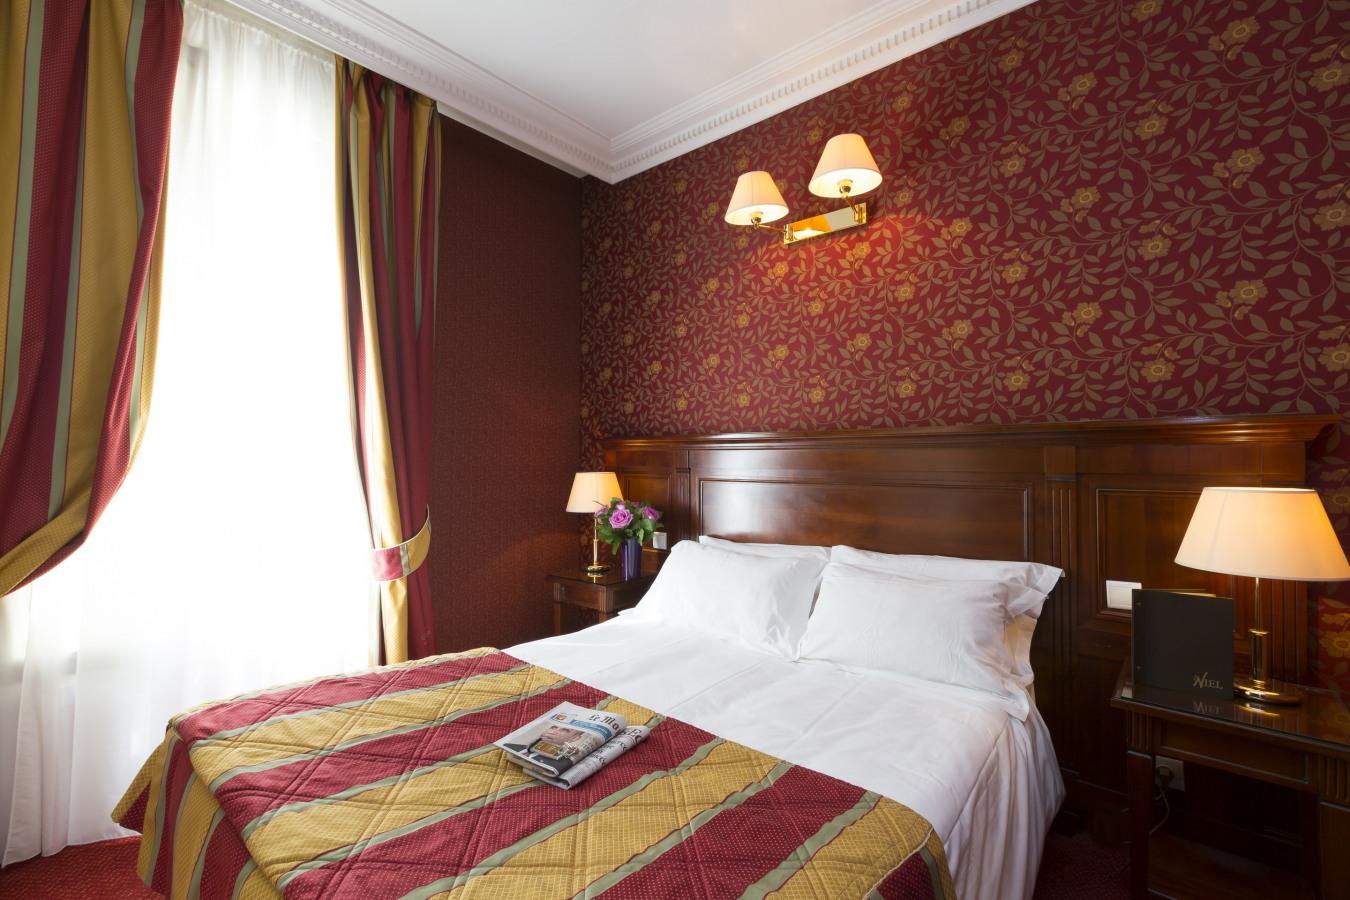 Hôtel Niel - Habitaciones